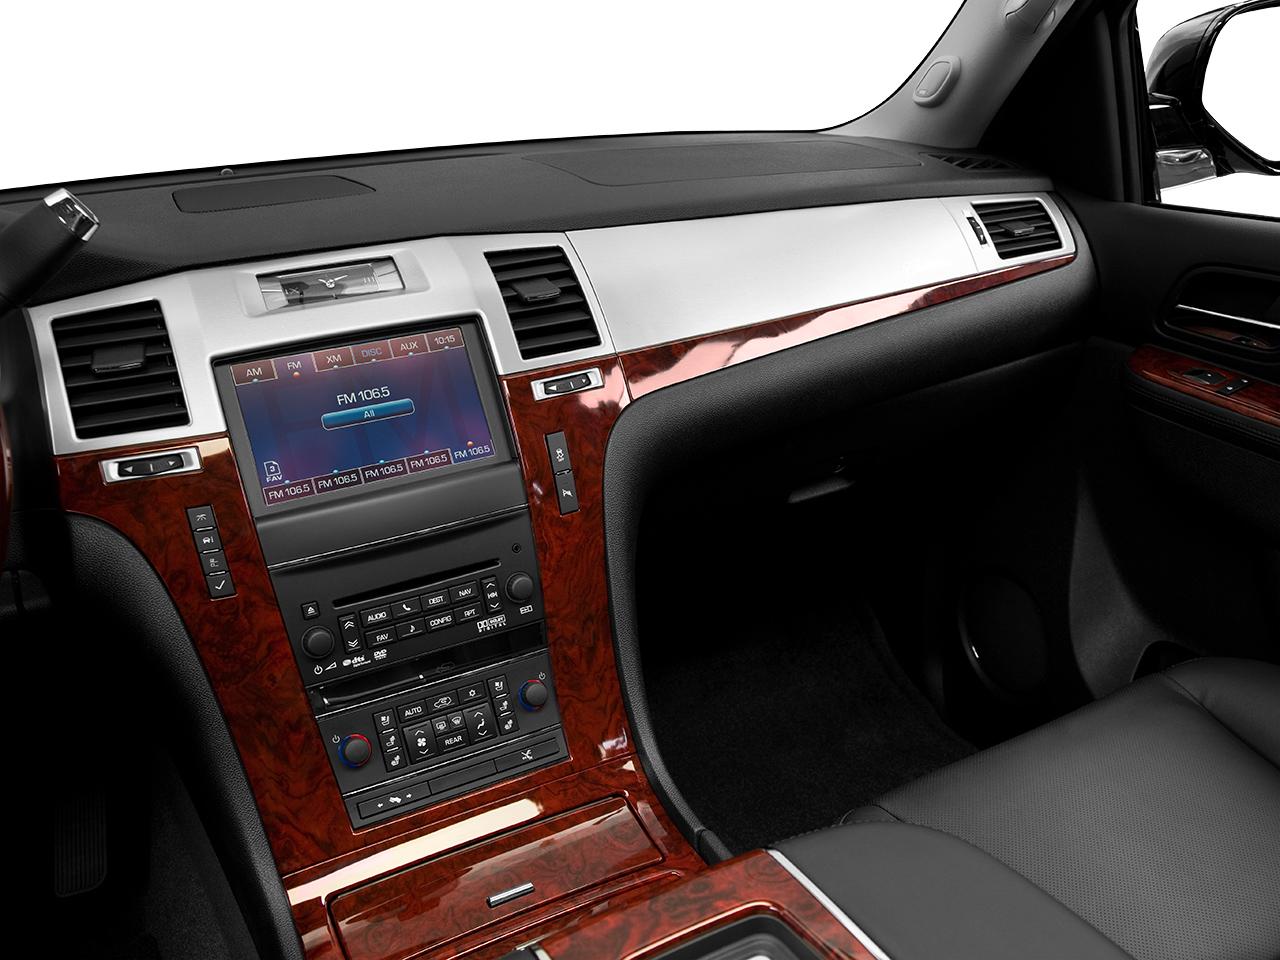 2012 Cadillac Escalade Platinum For Sale >> Cars For Sale 2012 Cadillac Escalade 2wd Platinum In | Autos Post